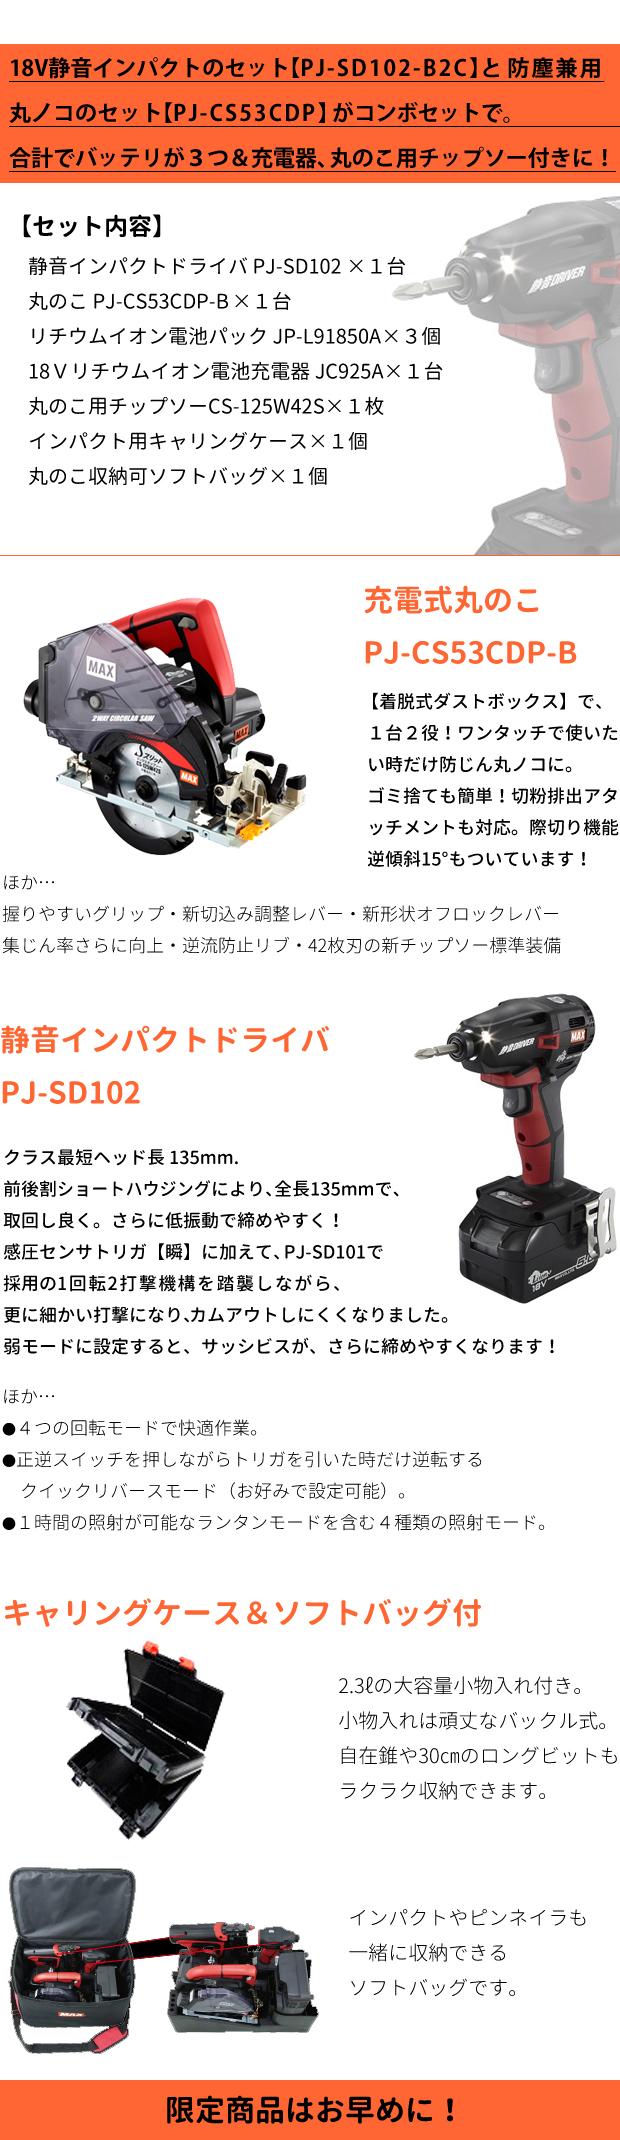 MAX 18V静音インパクト+丸のこ 得だ値コンボ 【PJ-SD102BC2+PJ-CS53CDP】